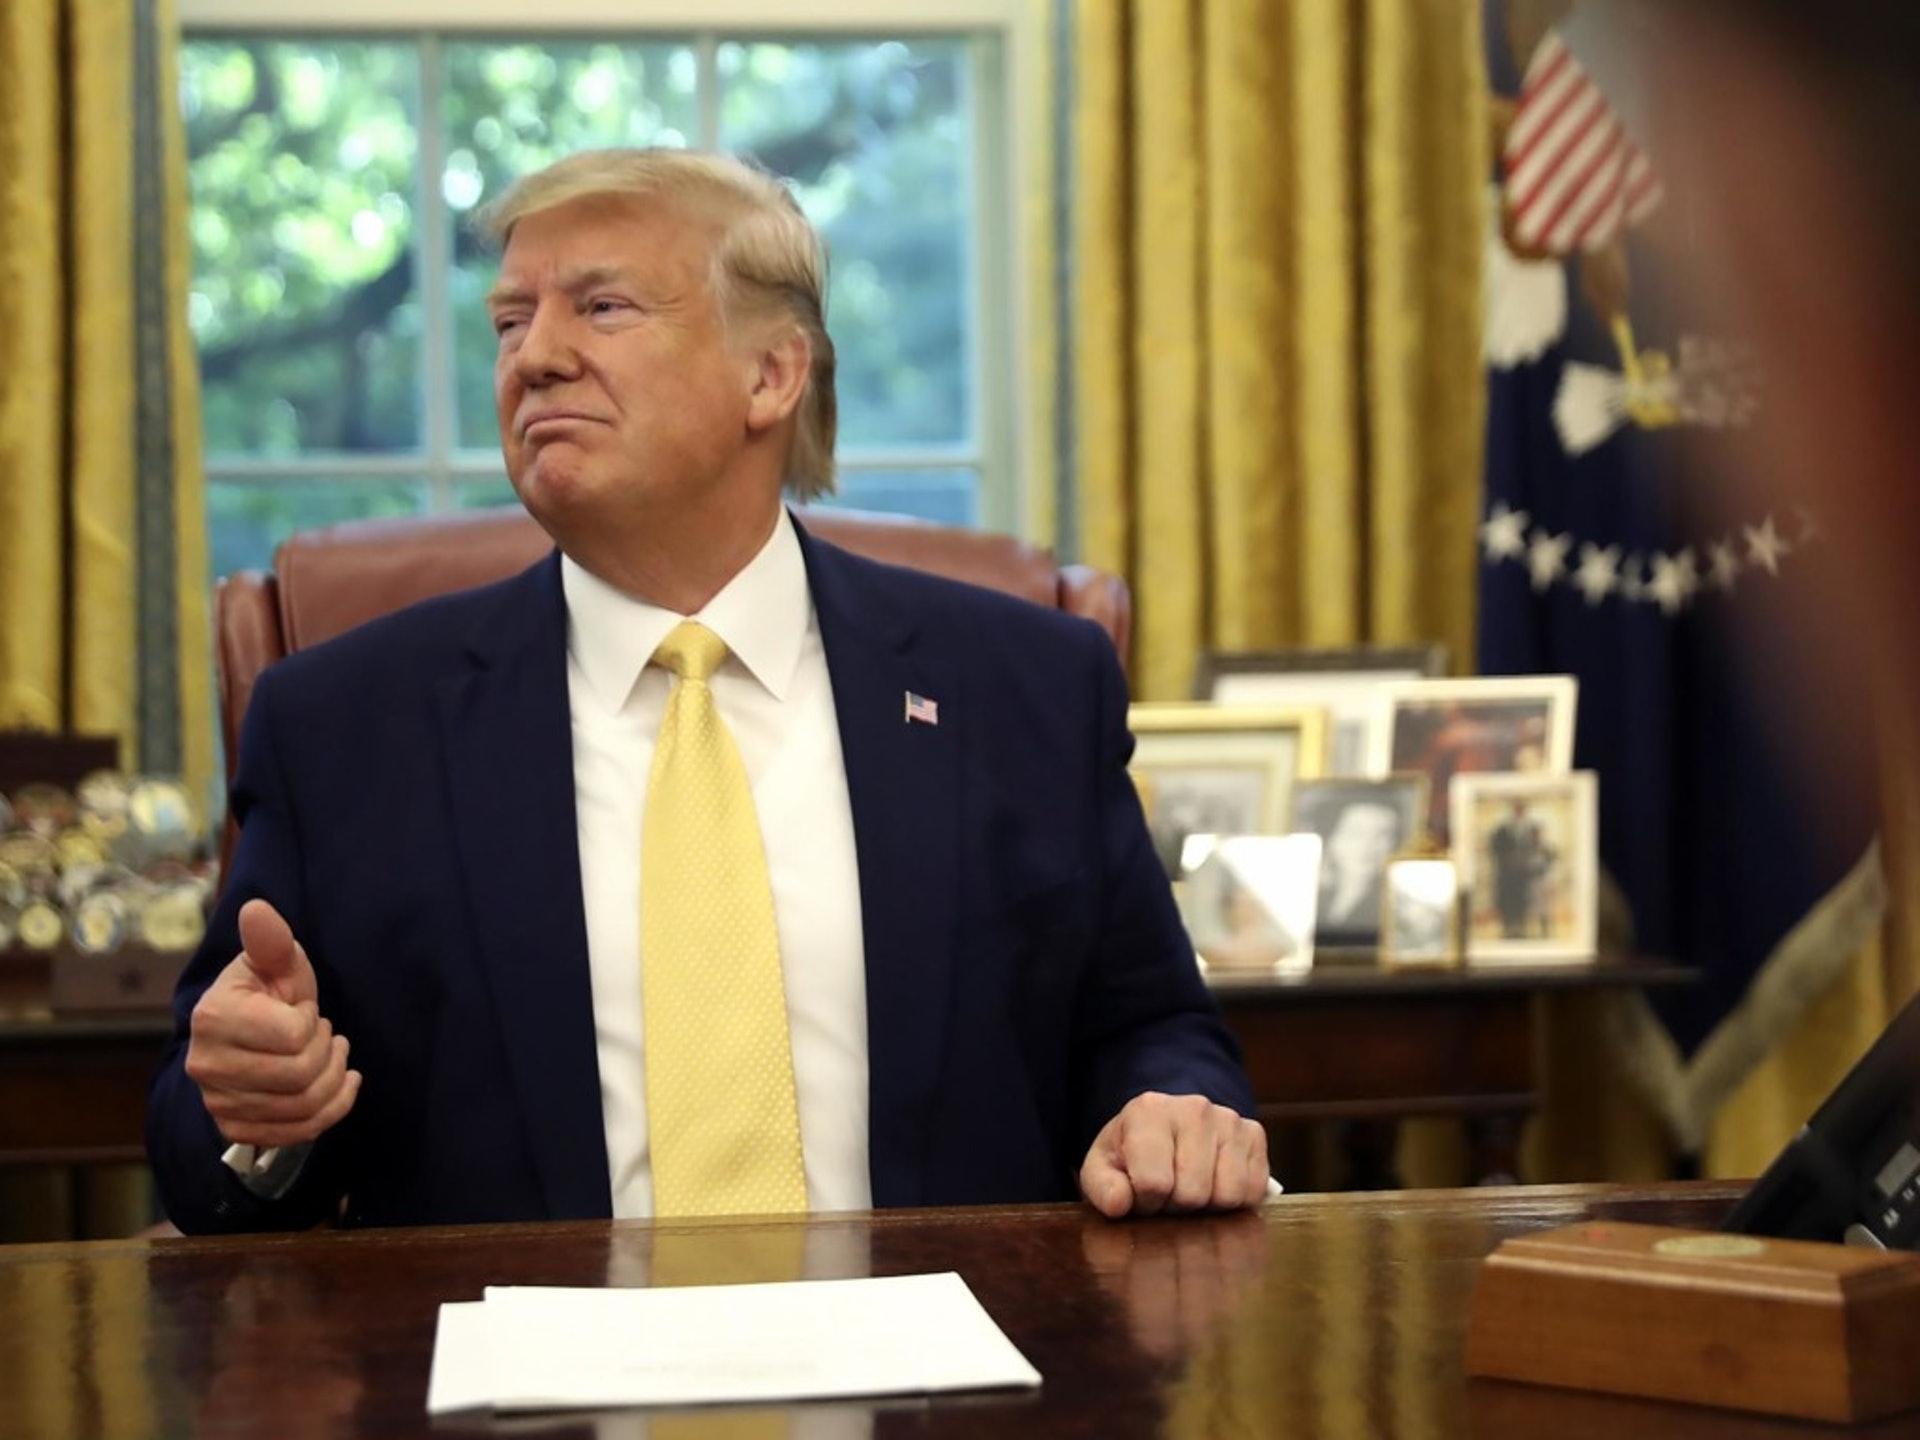 美國總統特朗普2019年12月31日的時候就高調宣布,他將和中國高級代表簽署協議。分析認為,特朗普這麼做是想要邀功。(AP)